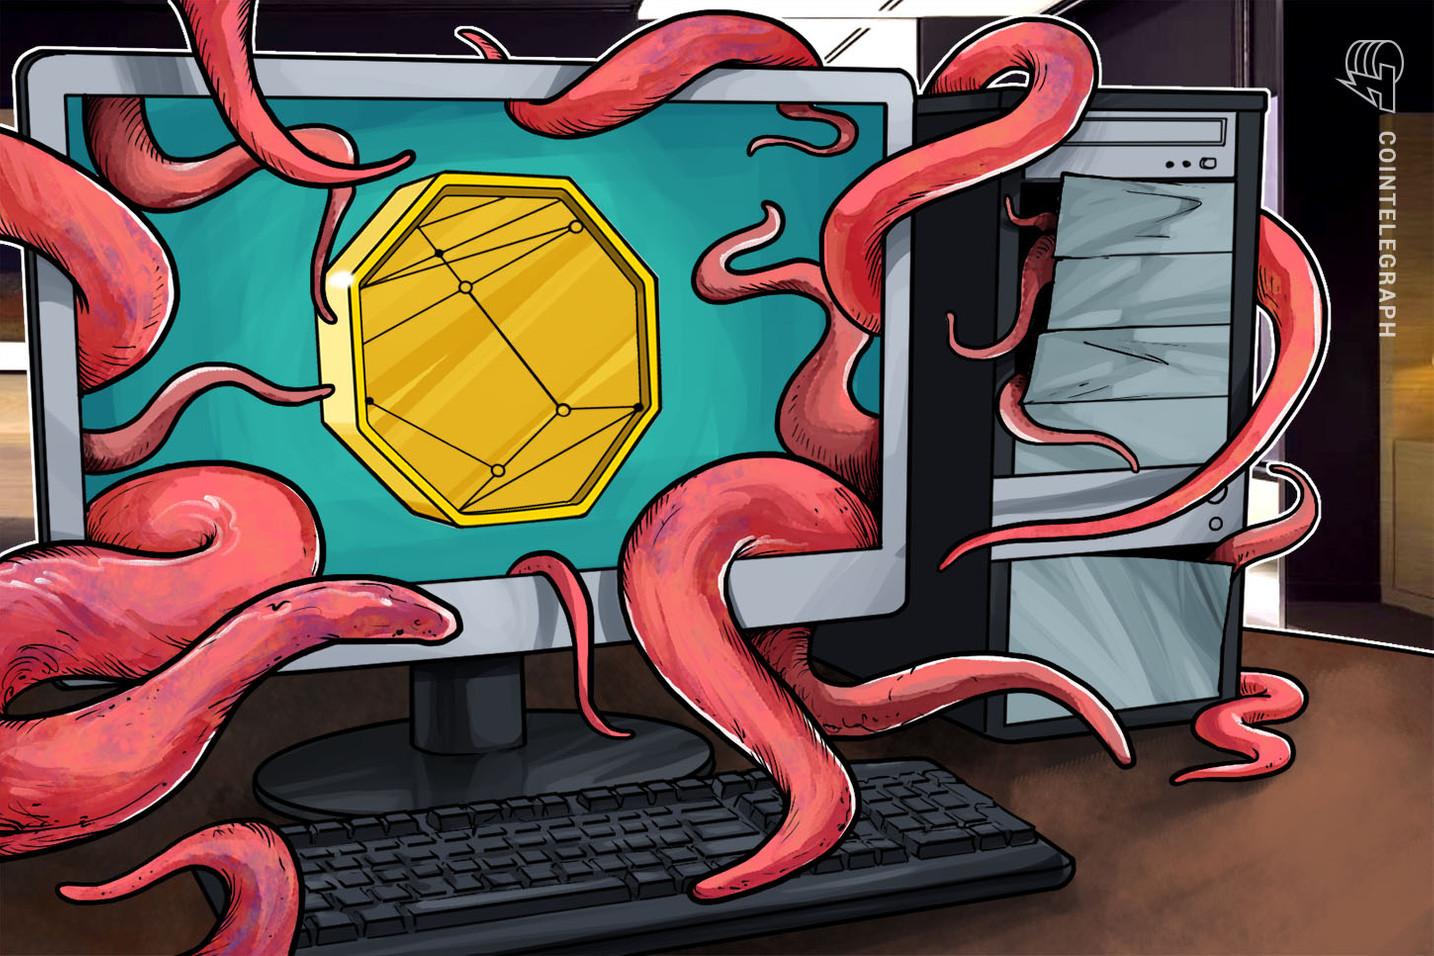 Kudelski-Security: Dem Blockchain-Ökosystem drohen Attacken durch Künstliche Intelligenz